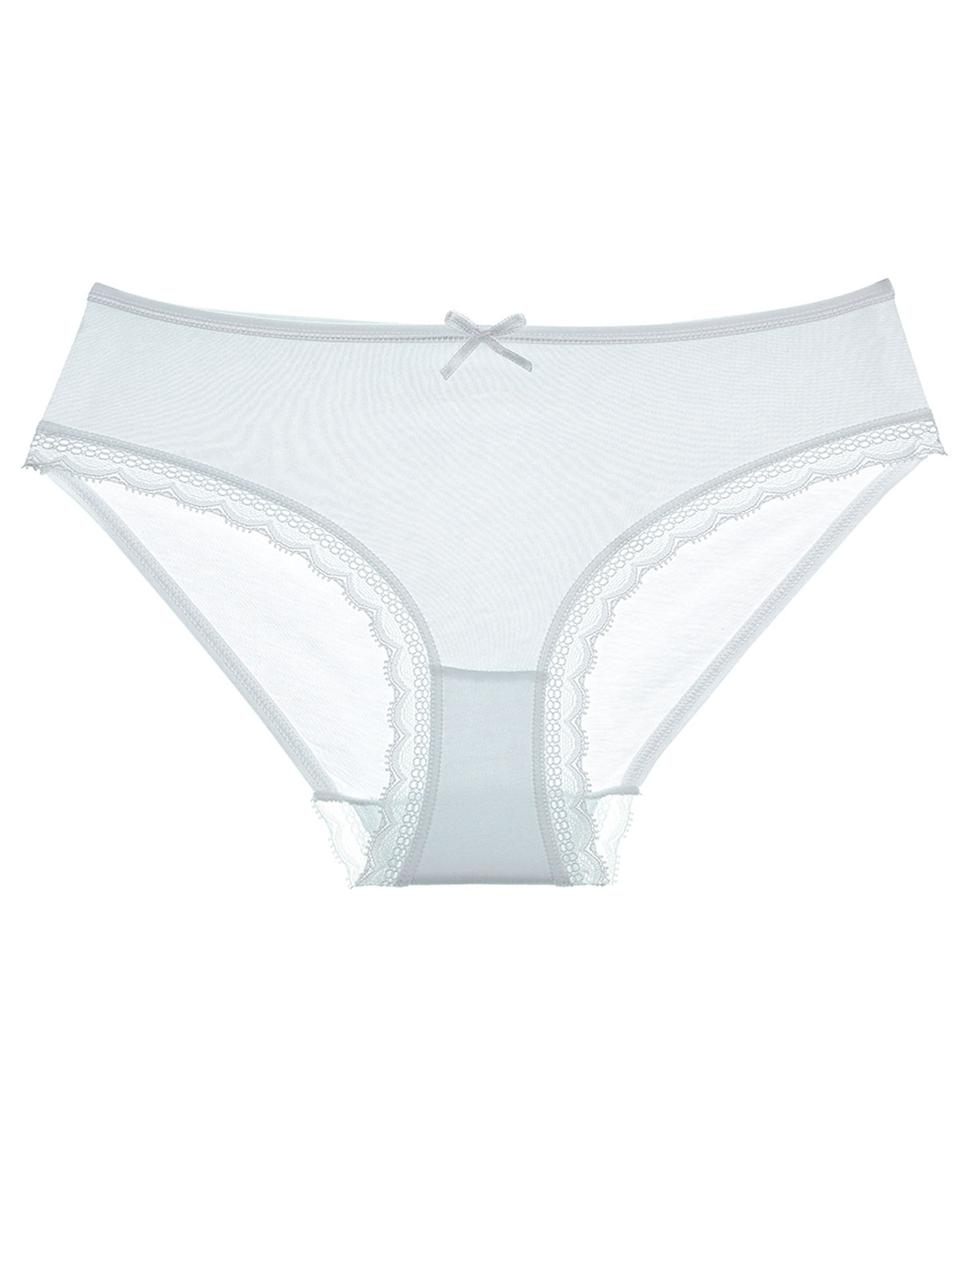 Белые трусы для девочки по резинке кружево 104-110 (4-5 лет) Donella Турция